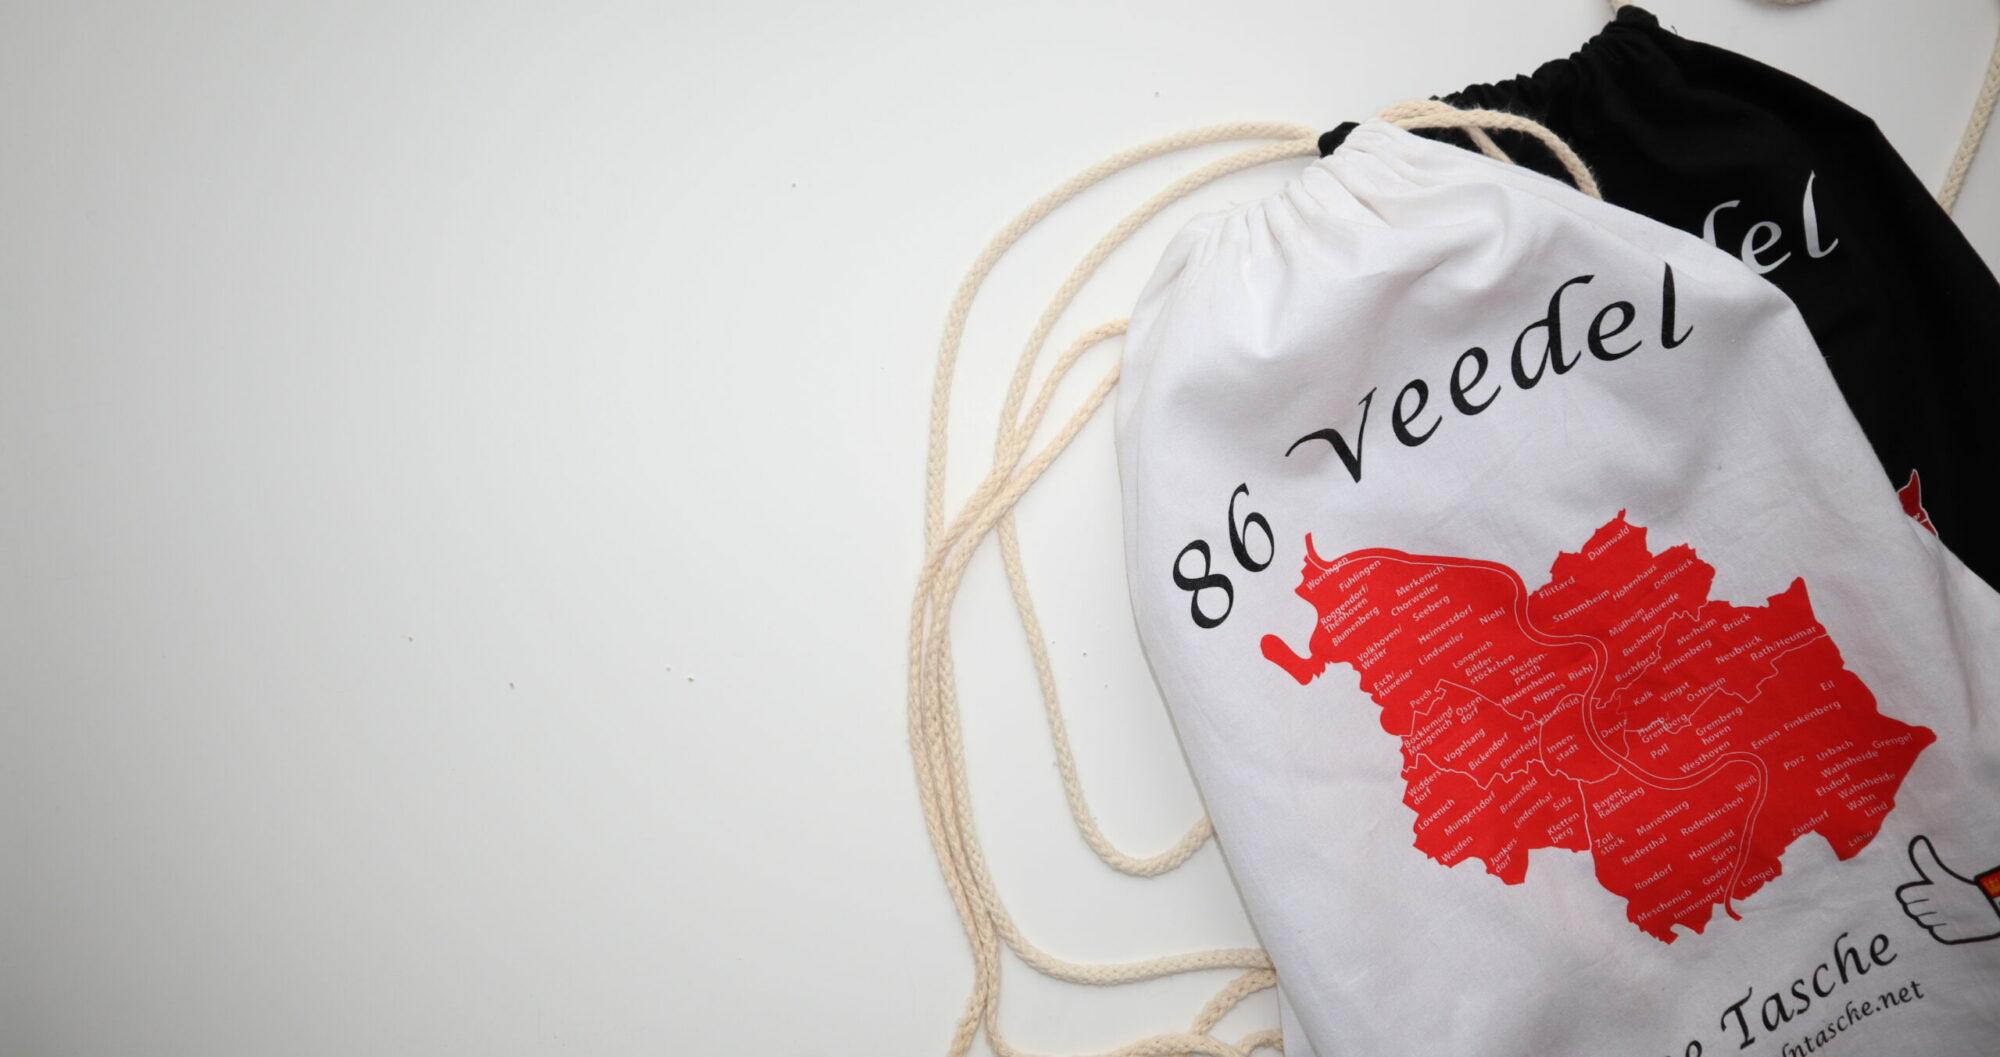 86 Veedel, eine Tasche!